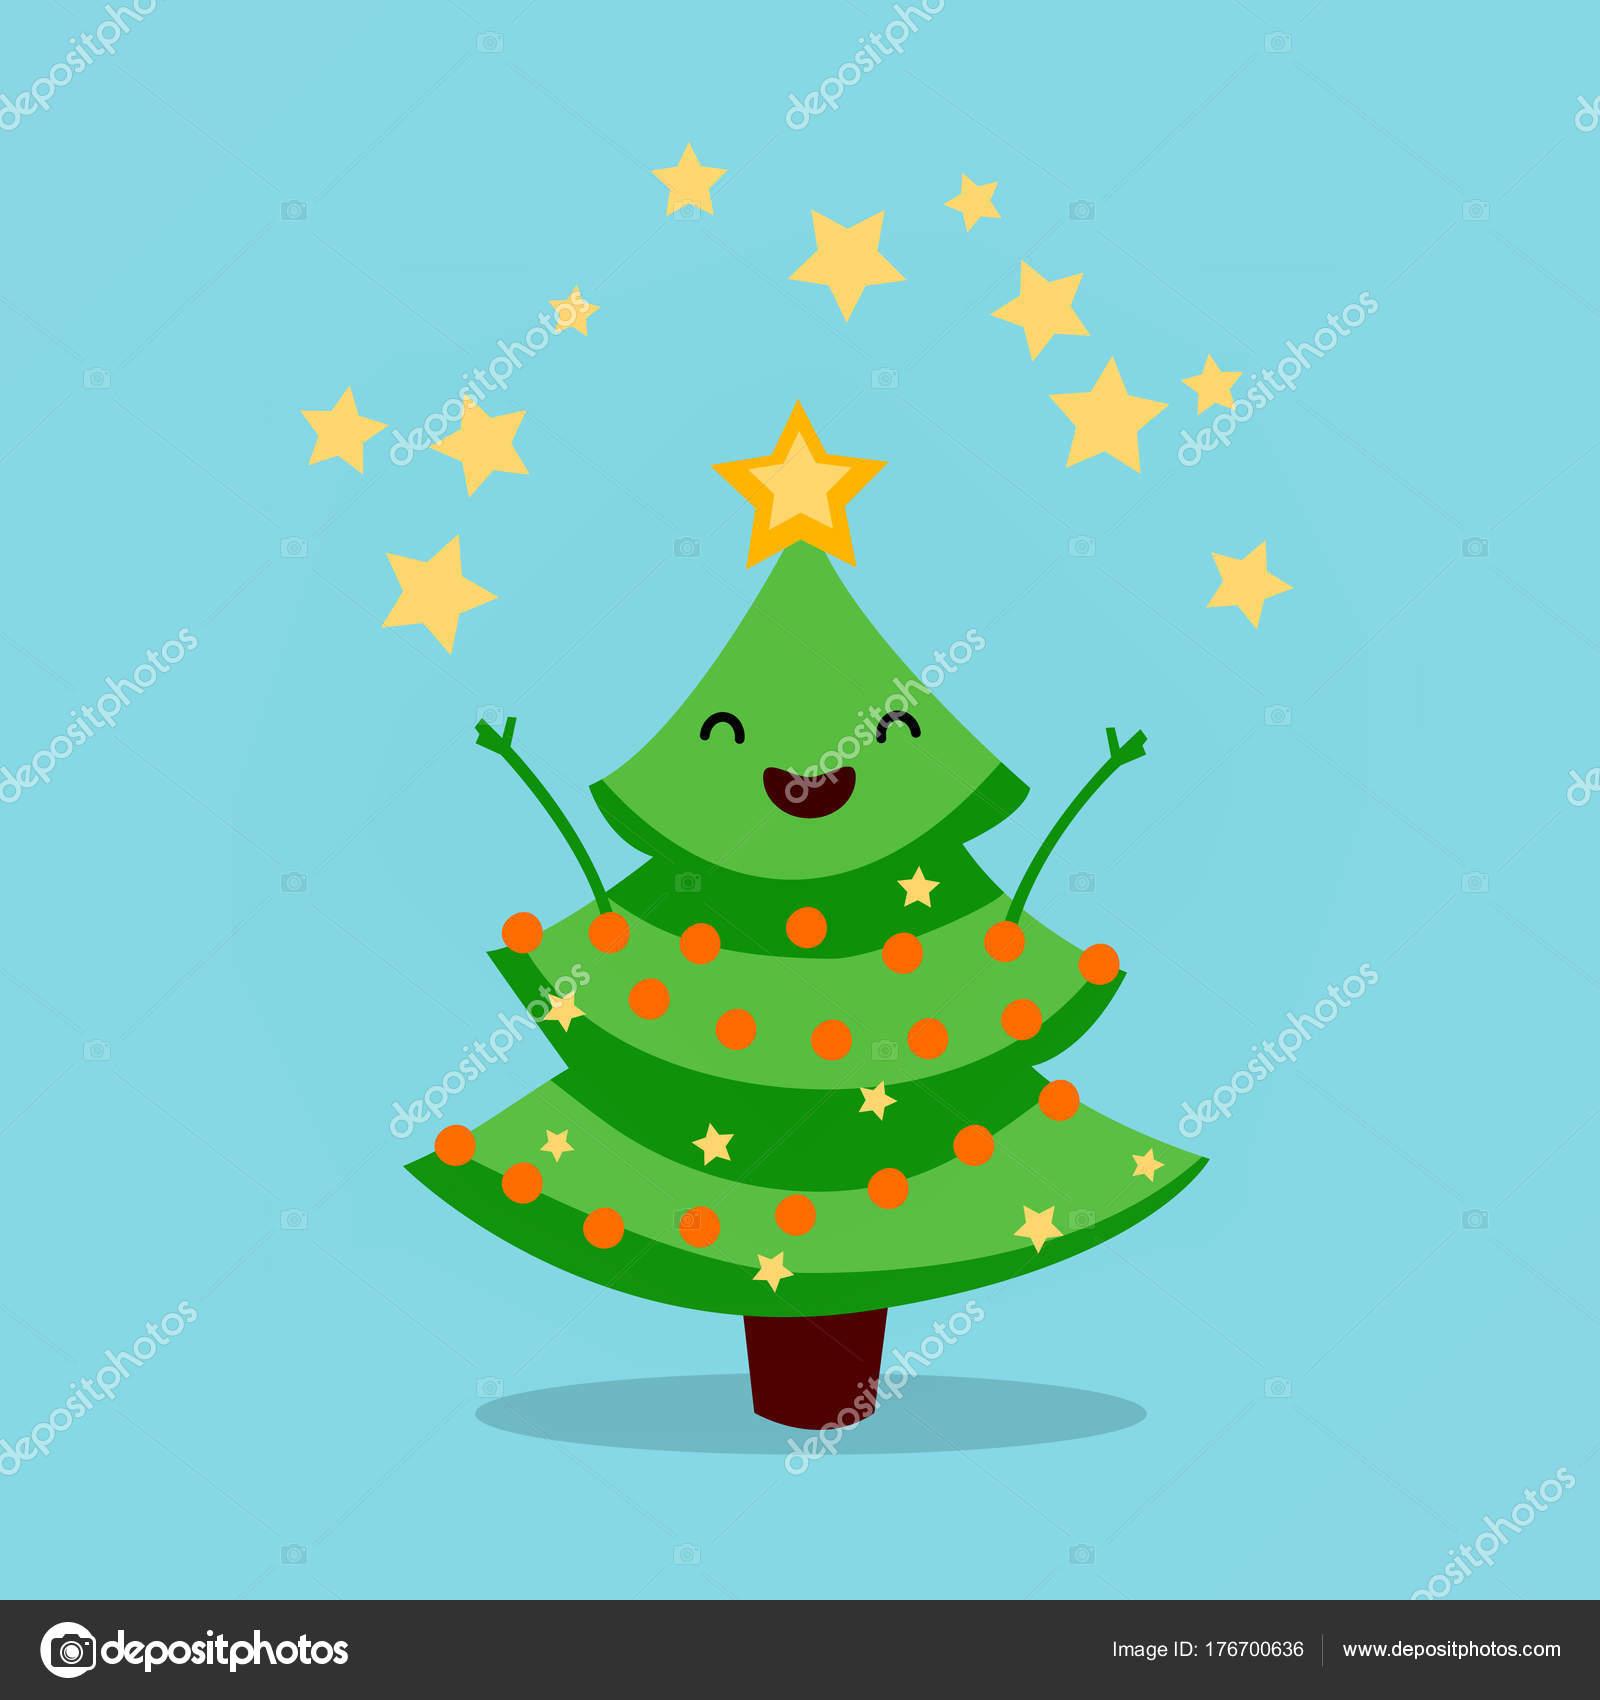 Bilder Weihnachten Animiert.Lustige Animierte Weihnachtsbaum Feuerwerk Der Sterne Frohe